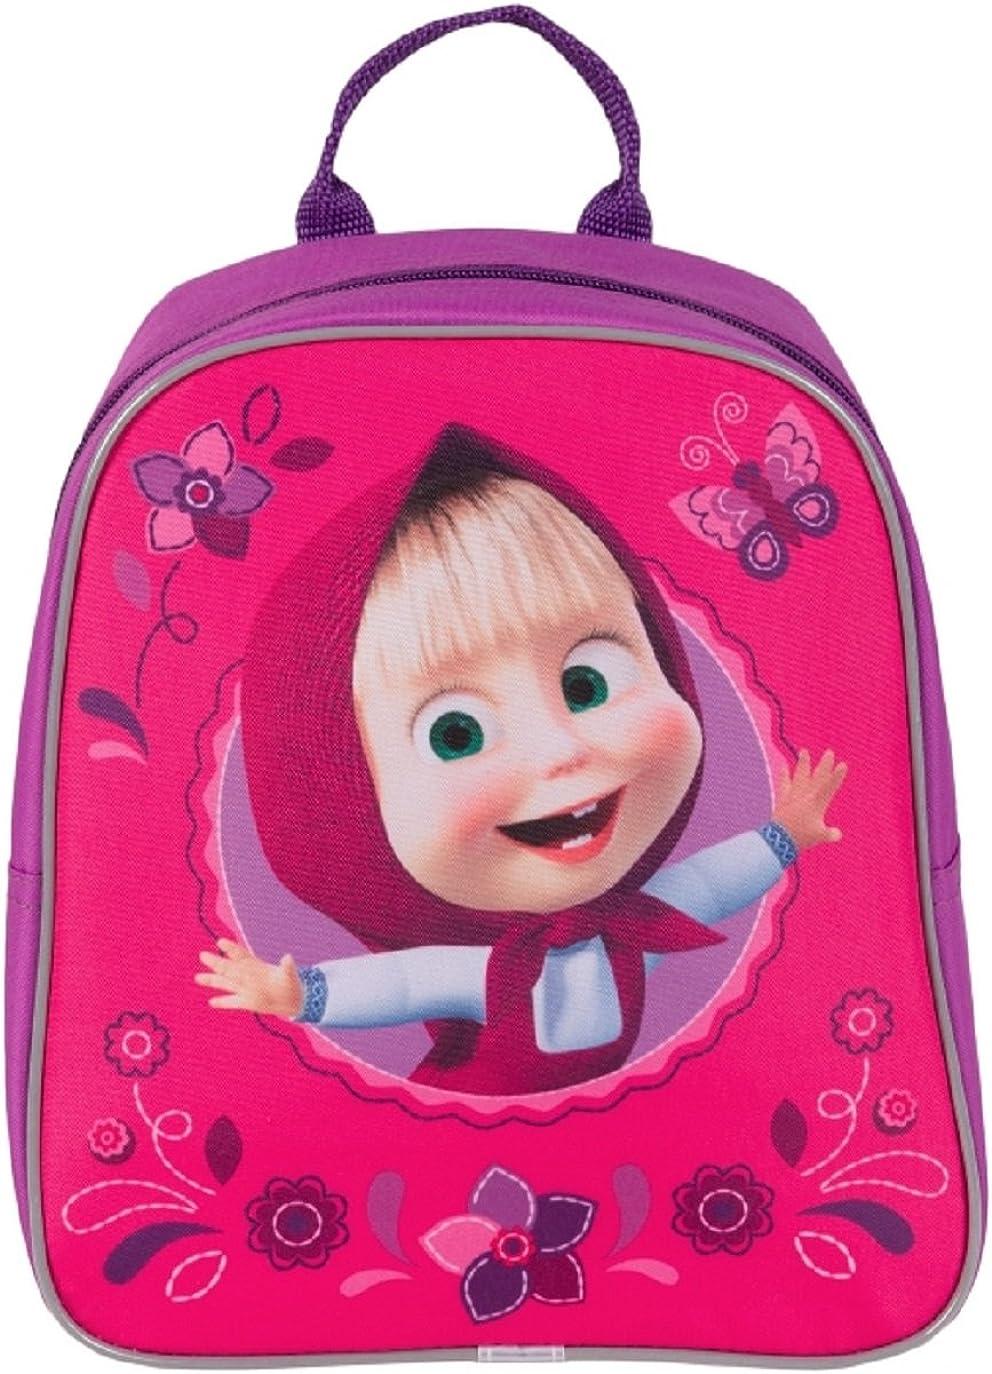 masha and the bear backpack Girls//Children Bag Masha And The Bear Backpack